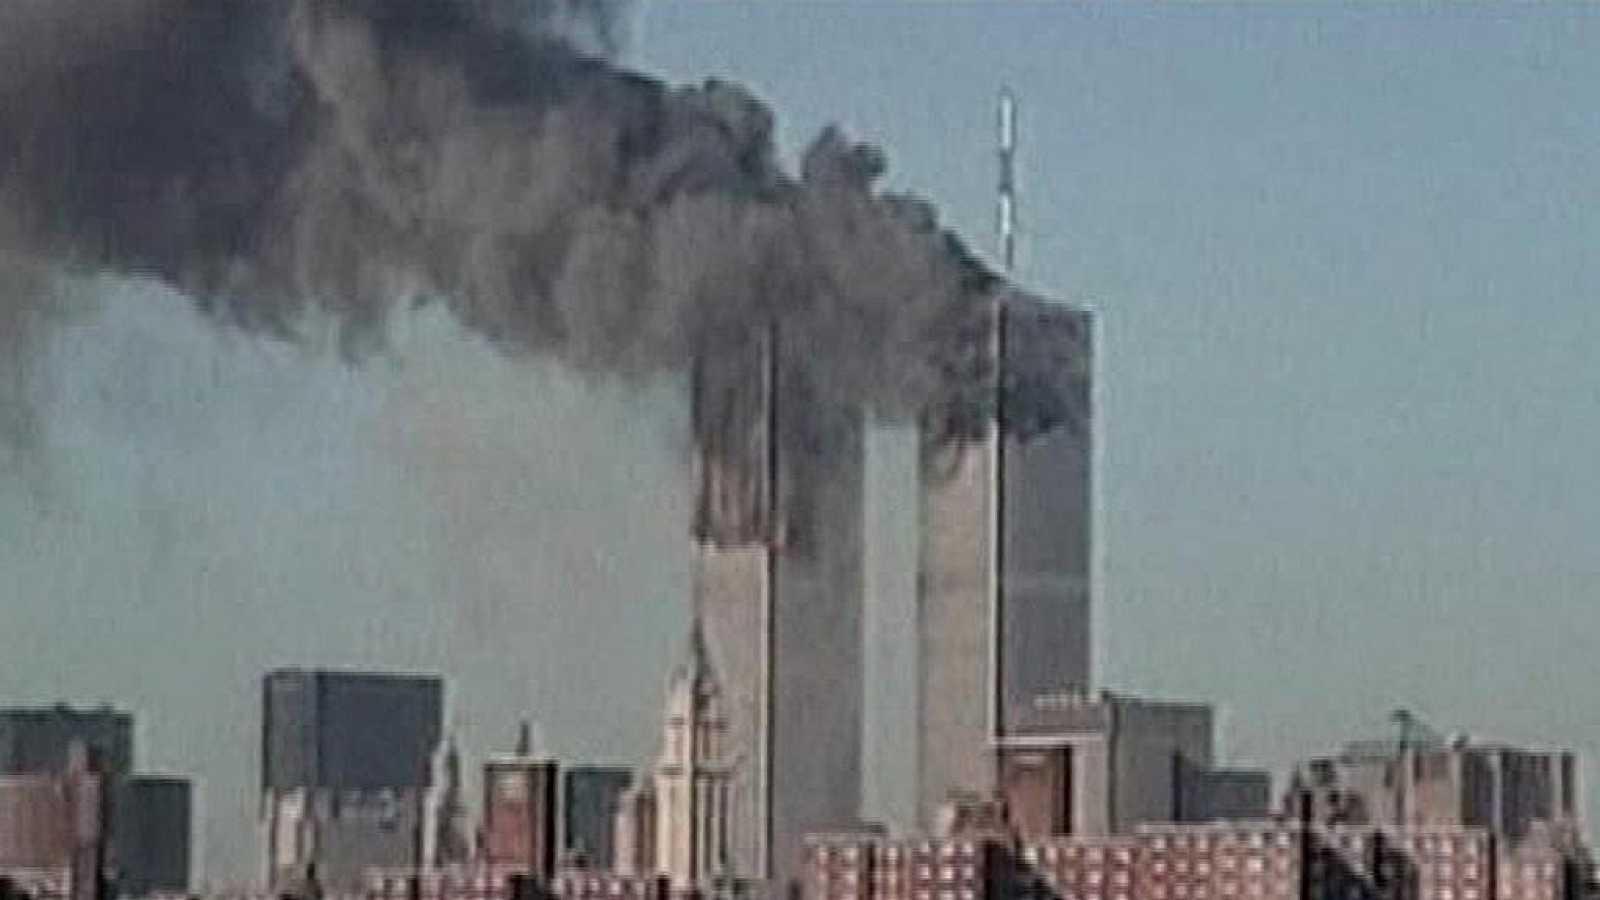 Se cumplen 16 años de los atentados del 11-S en Estados Unidos 39f909e55a4